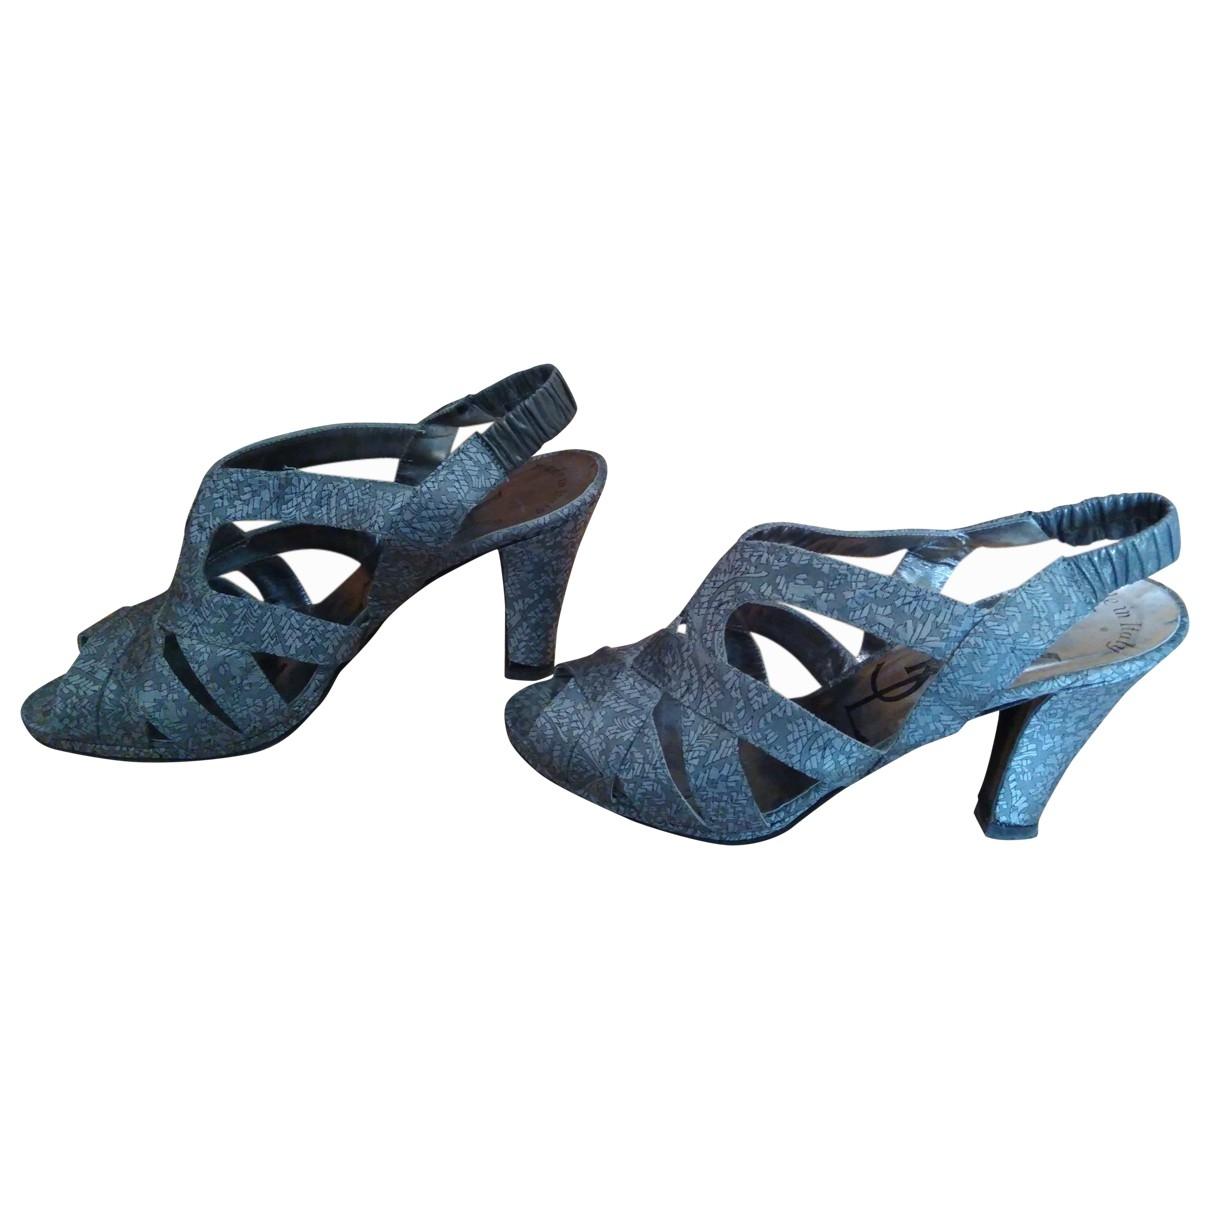 Sandalias de Lona Yves Saint Laurent